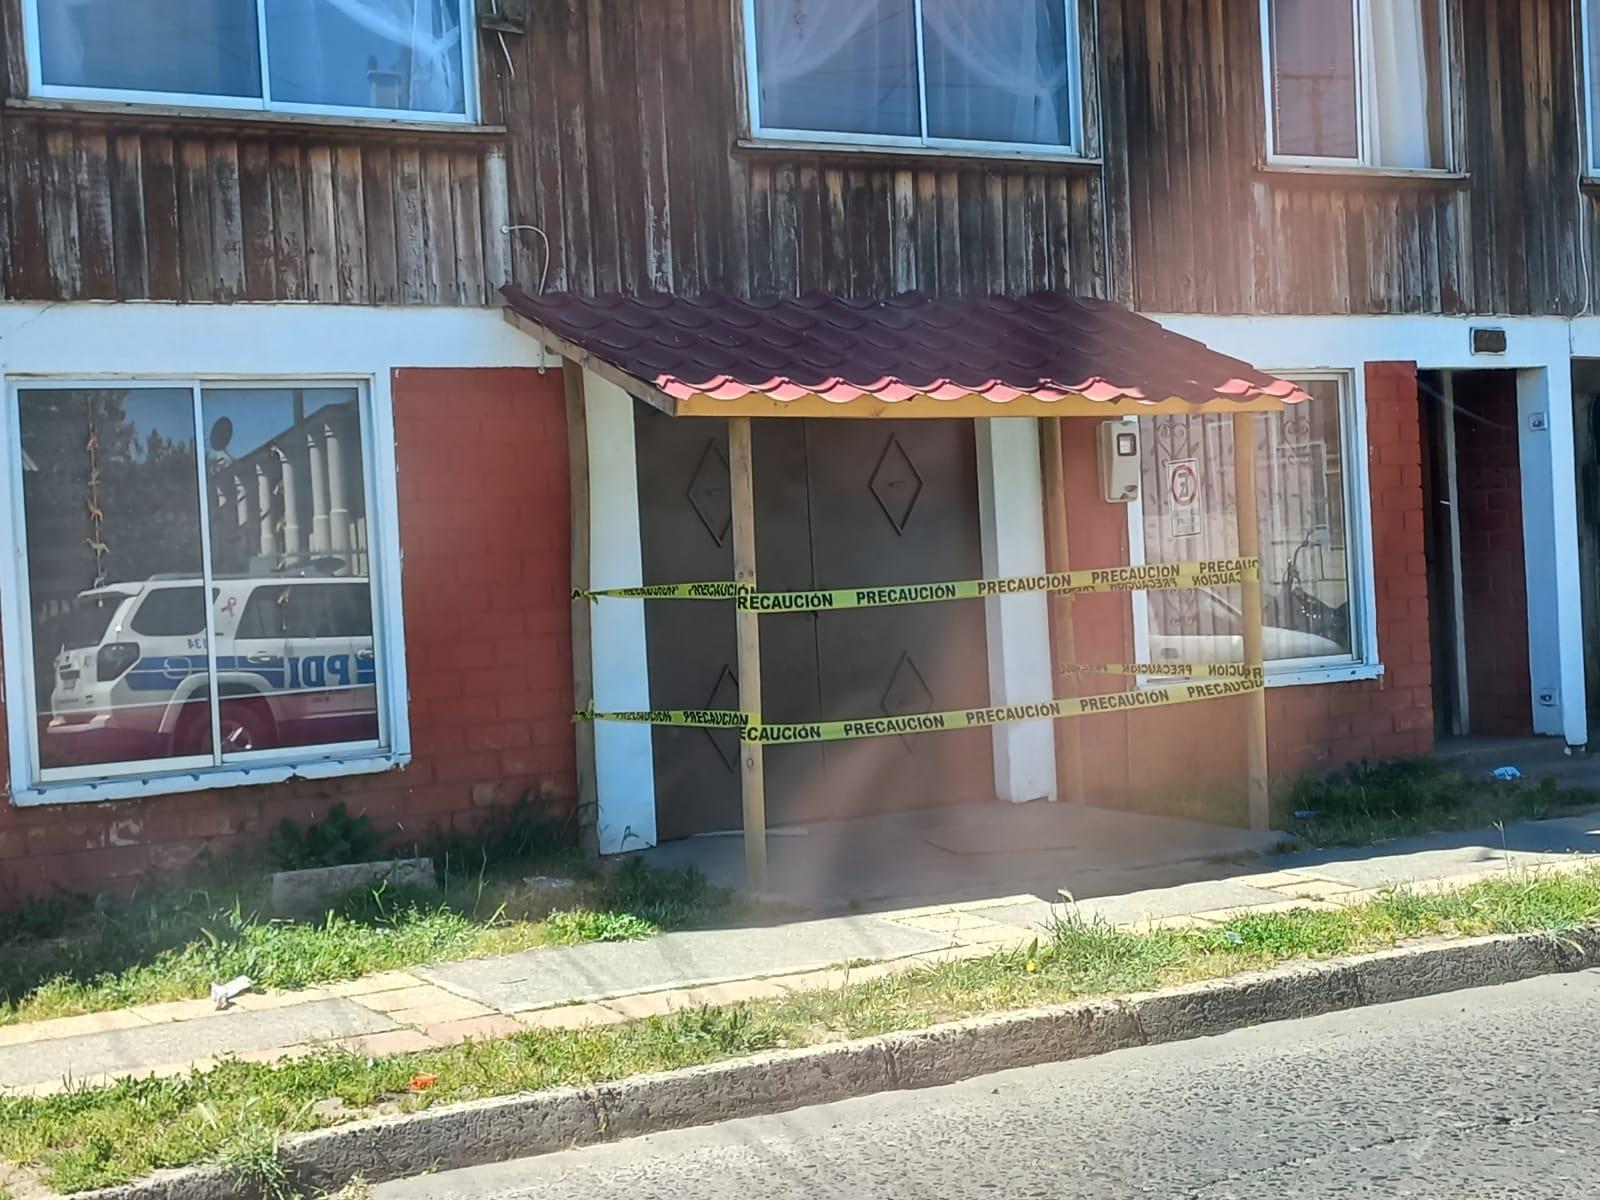 Mujer es asesinada en su domicilio luego de ser víctima de robo en Nacimiento